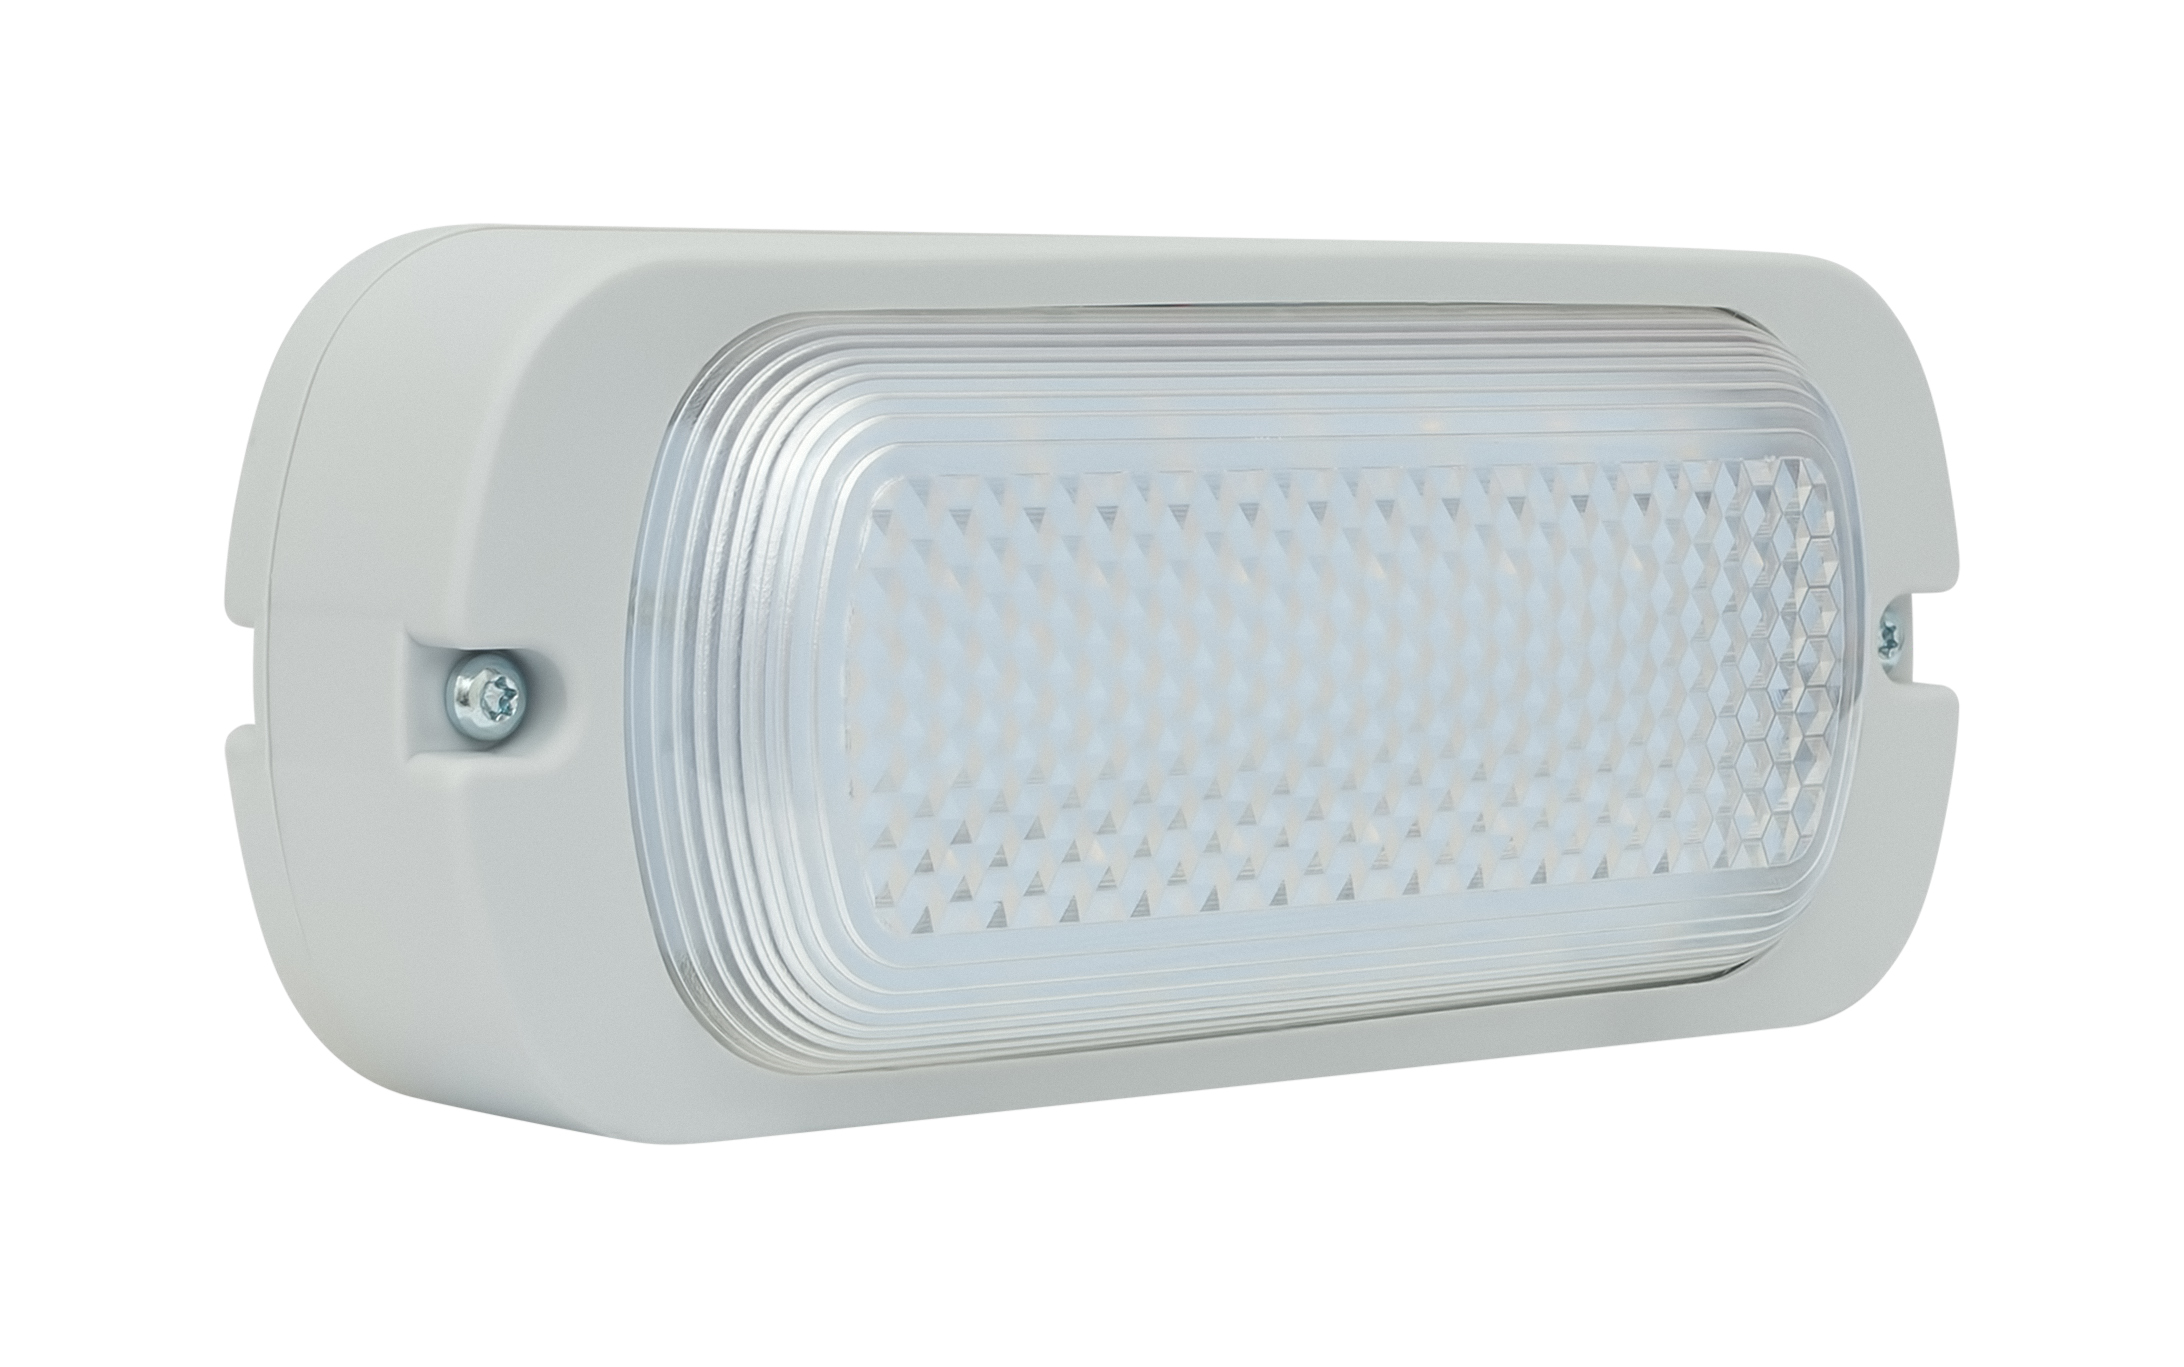 светодиодный светильник ЖКХ 9